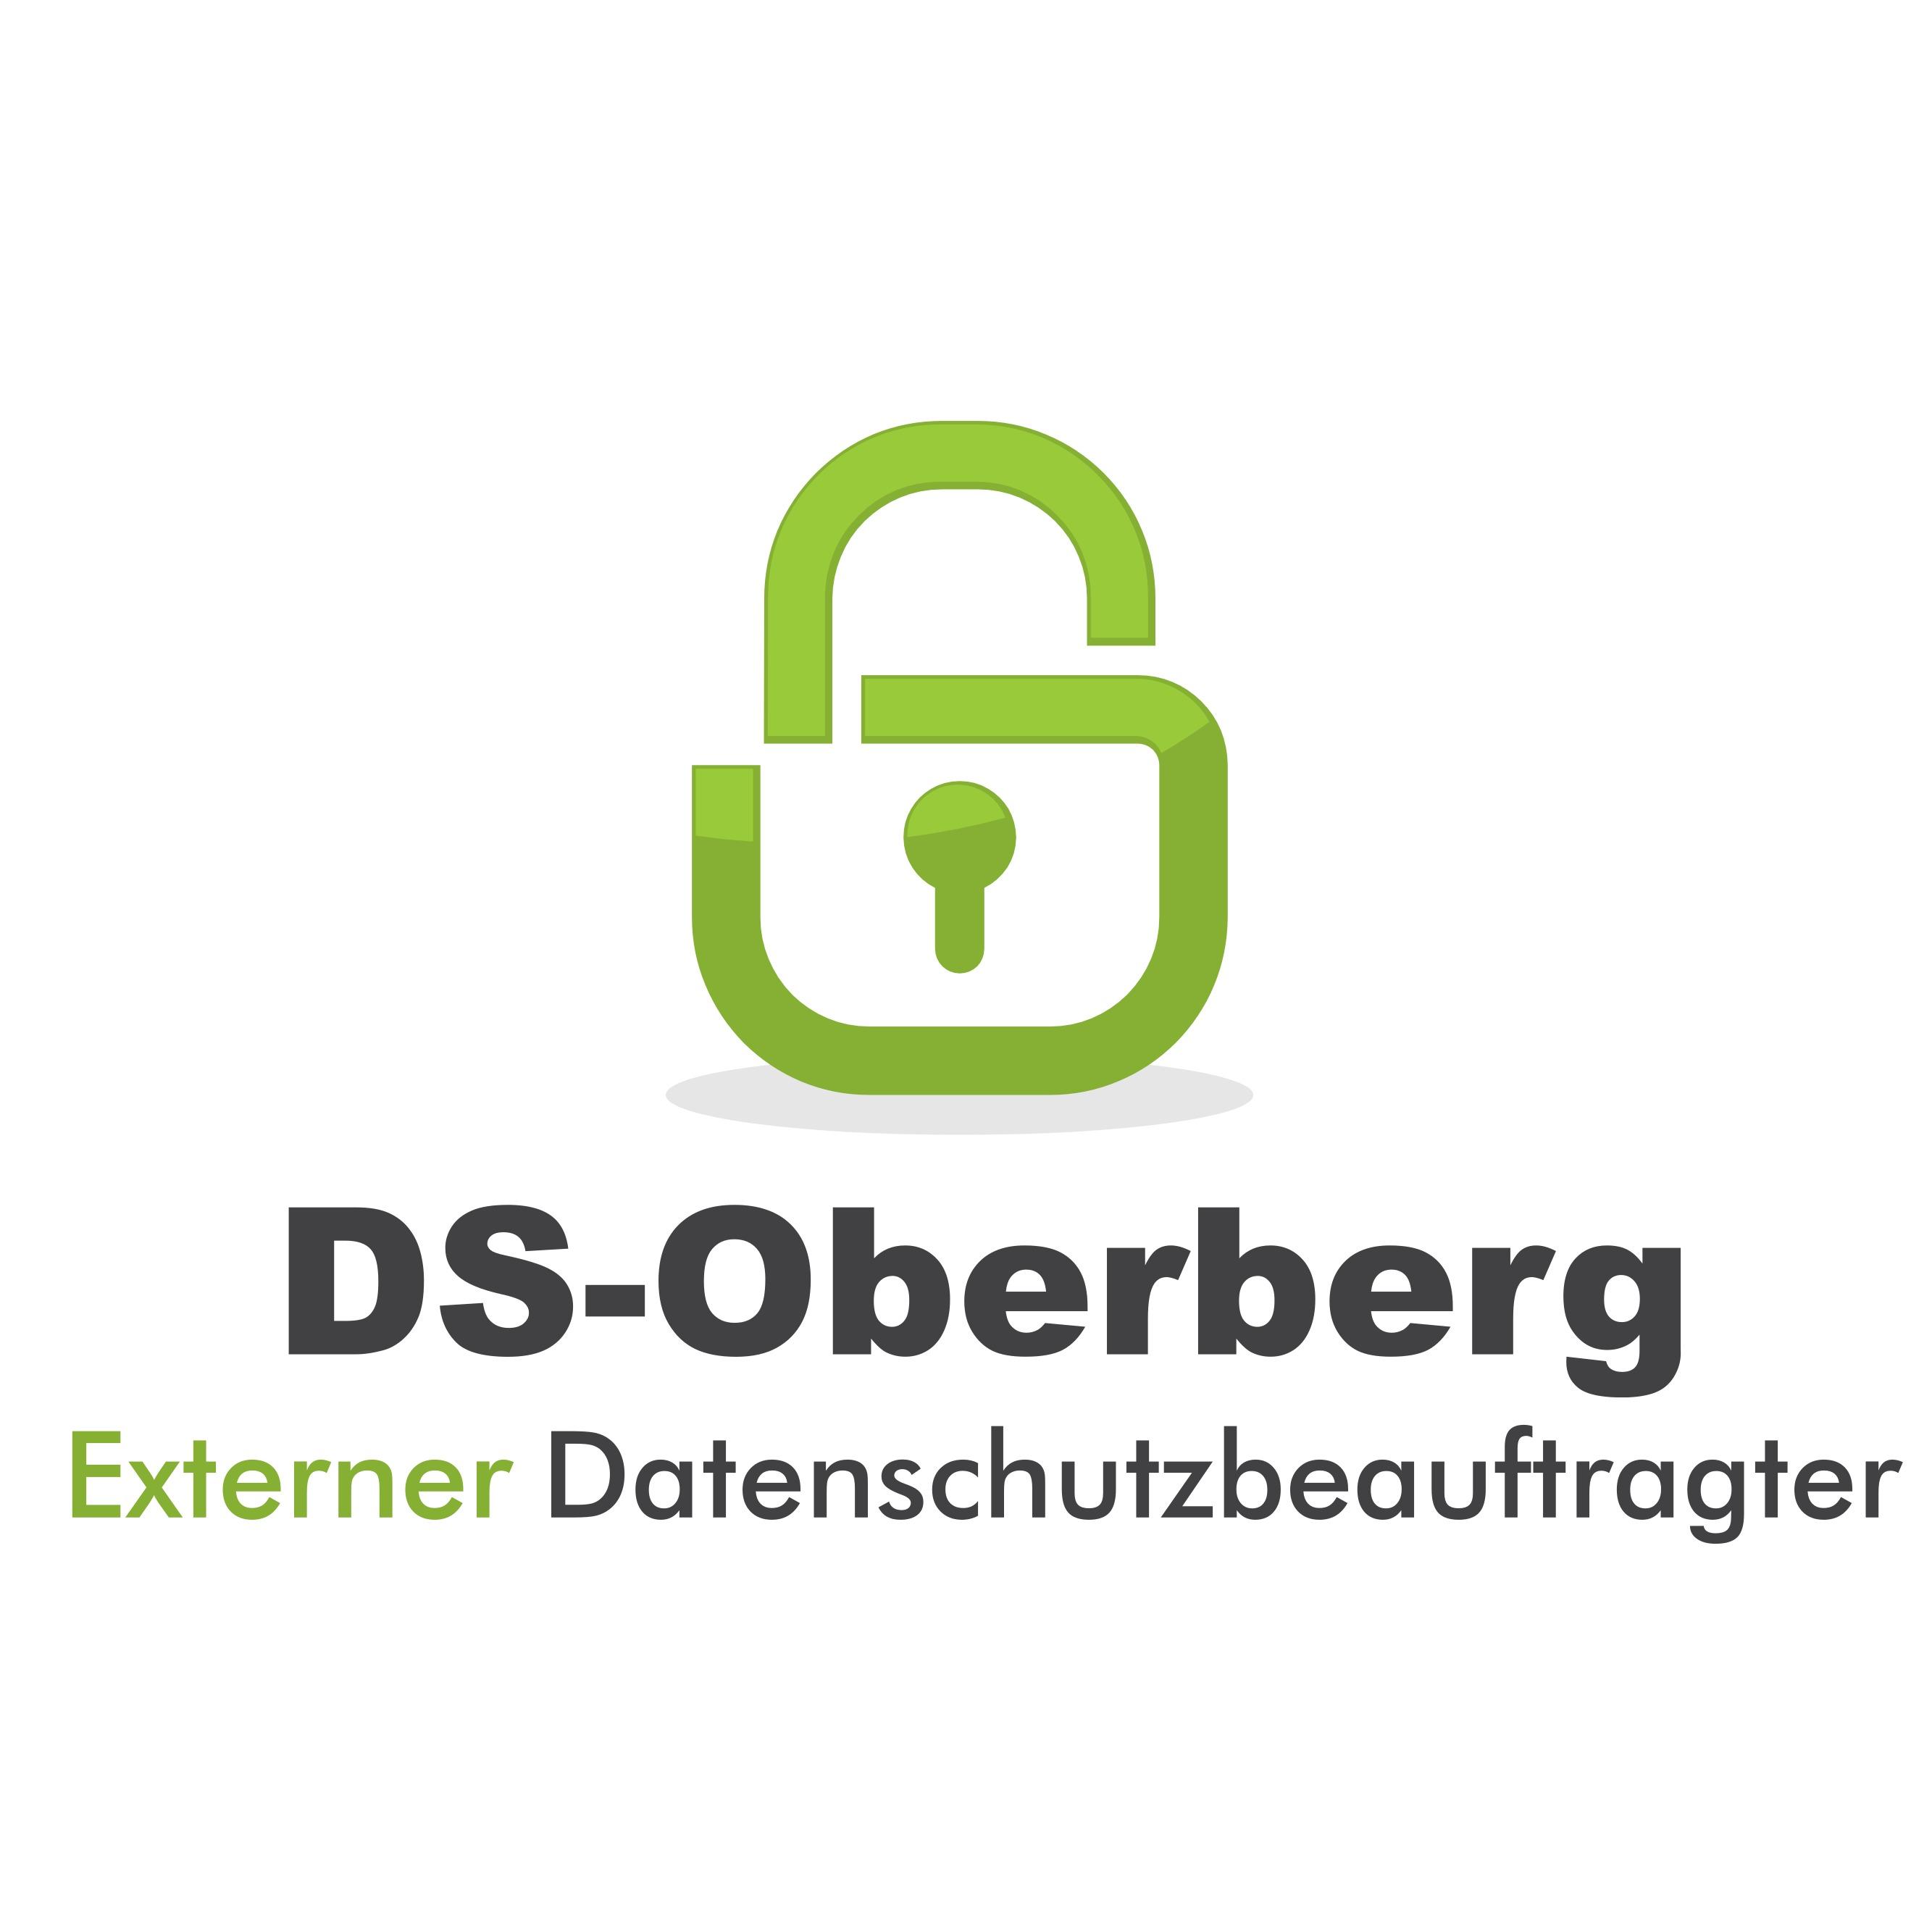 Bild zu DS-Oberberg - Externer Datenschutzbeauftragter nach DSGVO in NRW in Marienheide